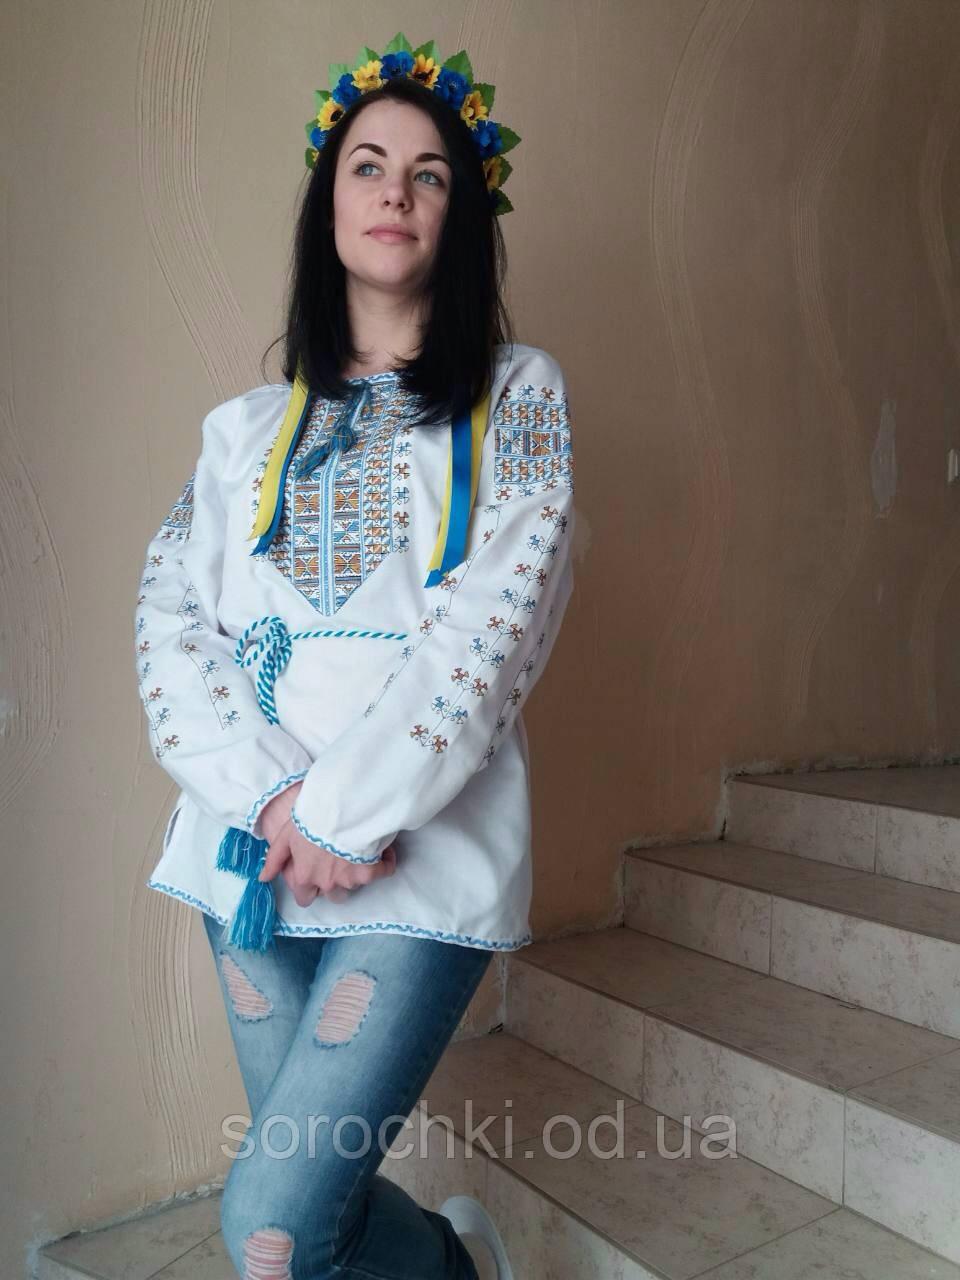 """Сорочка женская ,белая, вышивка трехцветная или красная """"полуботок"""" домотканная ткань"""